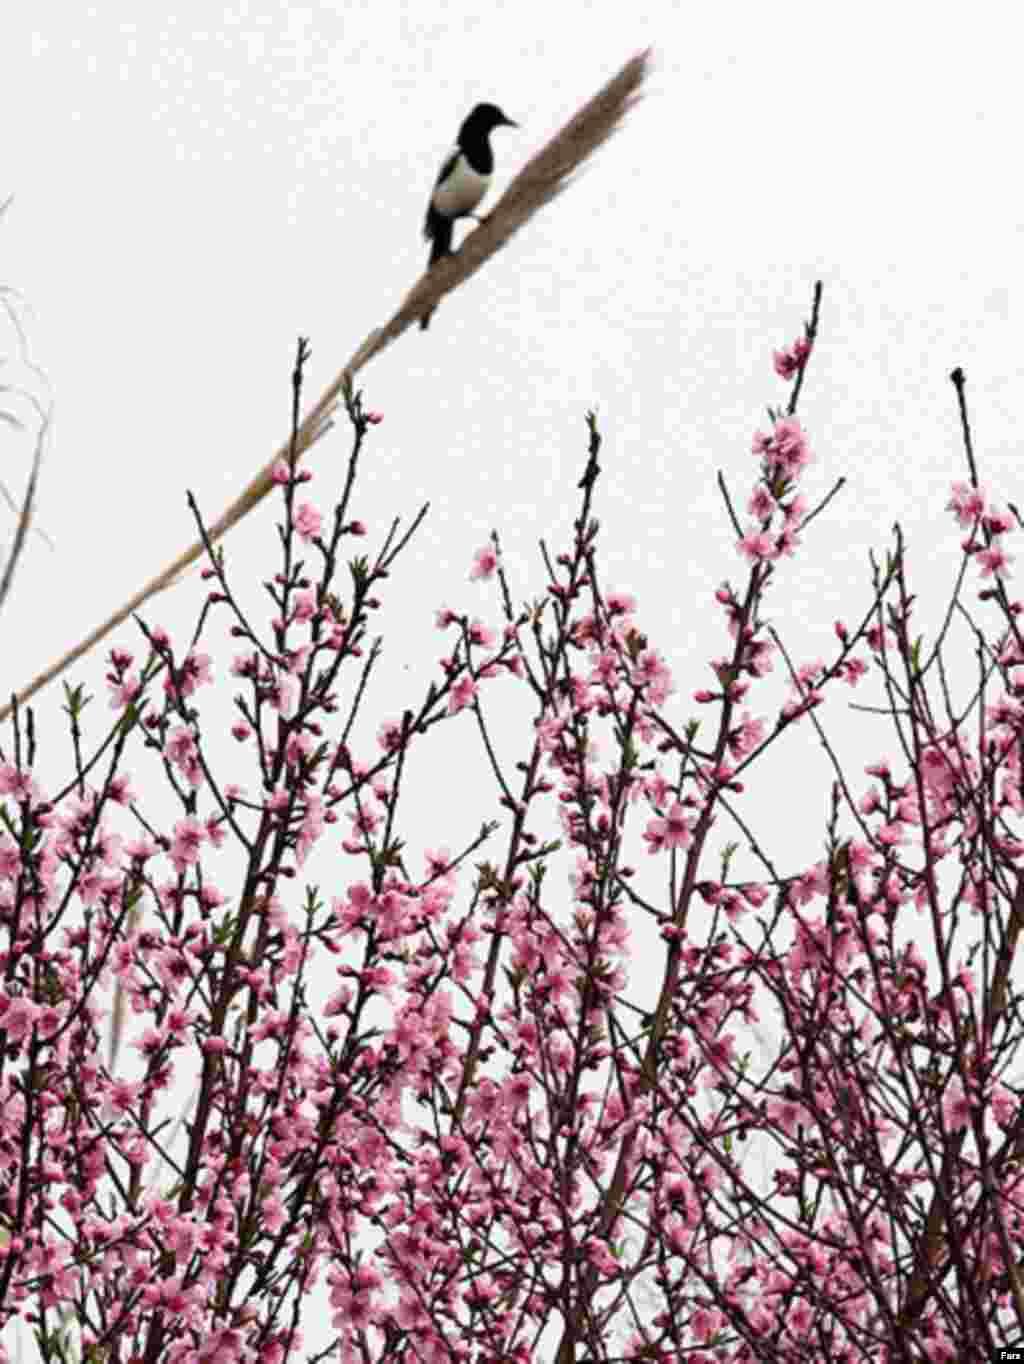 درختان شکوفه میزنند، طبیعت دوباره سبز میشود/ ایران